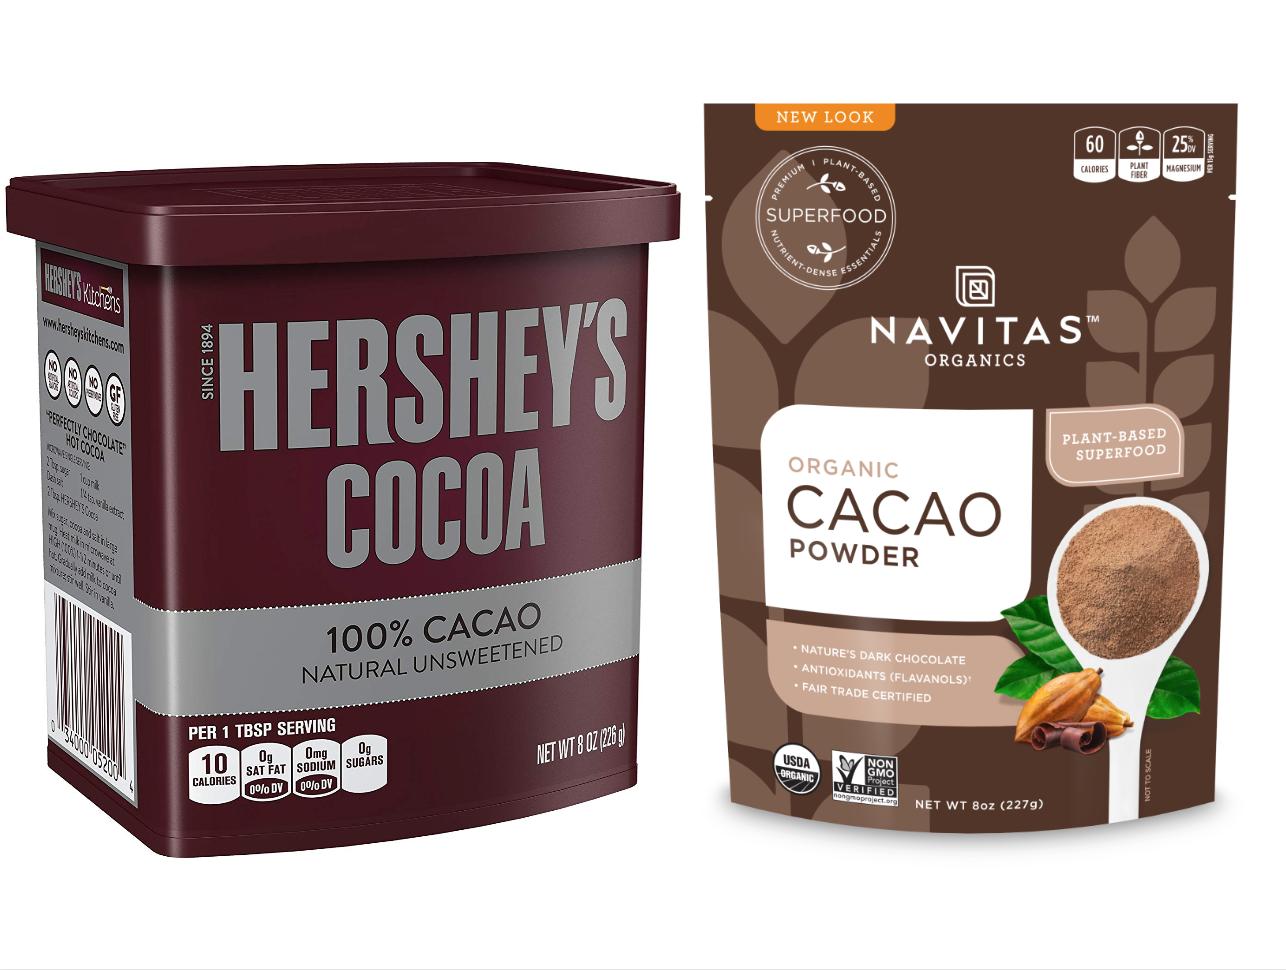 Cocoa vs Cacao